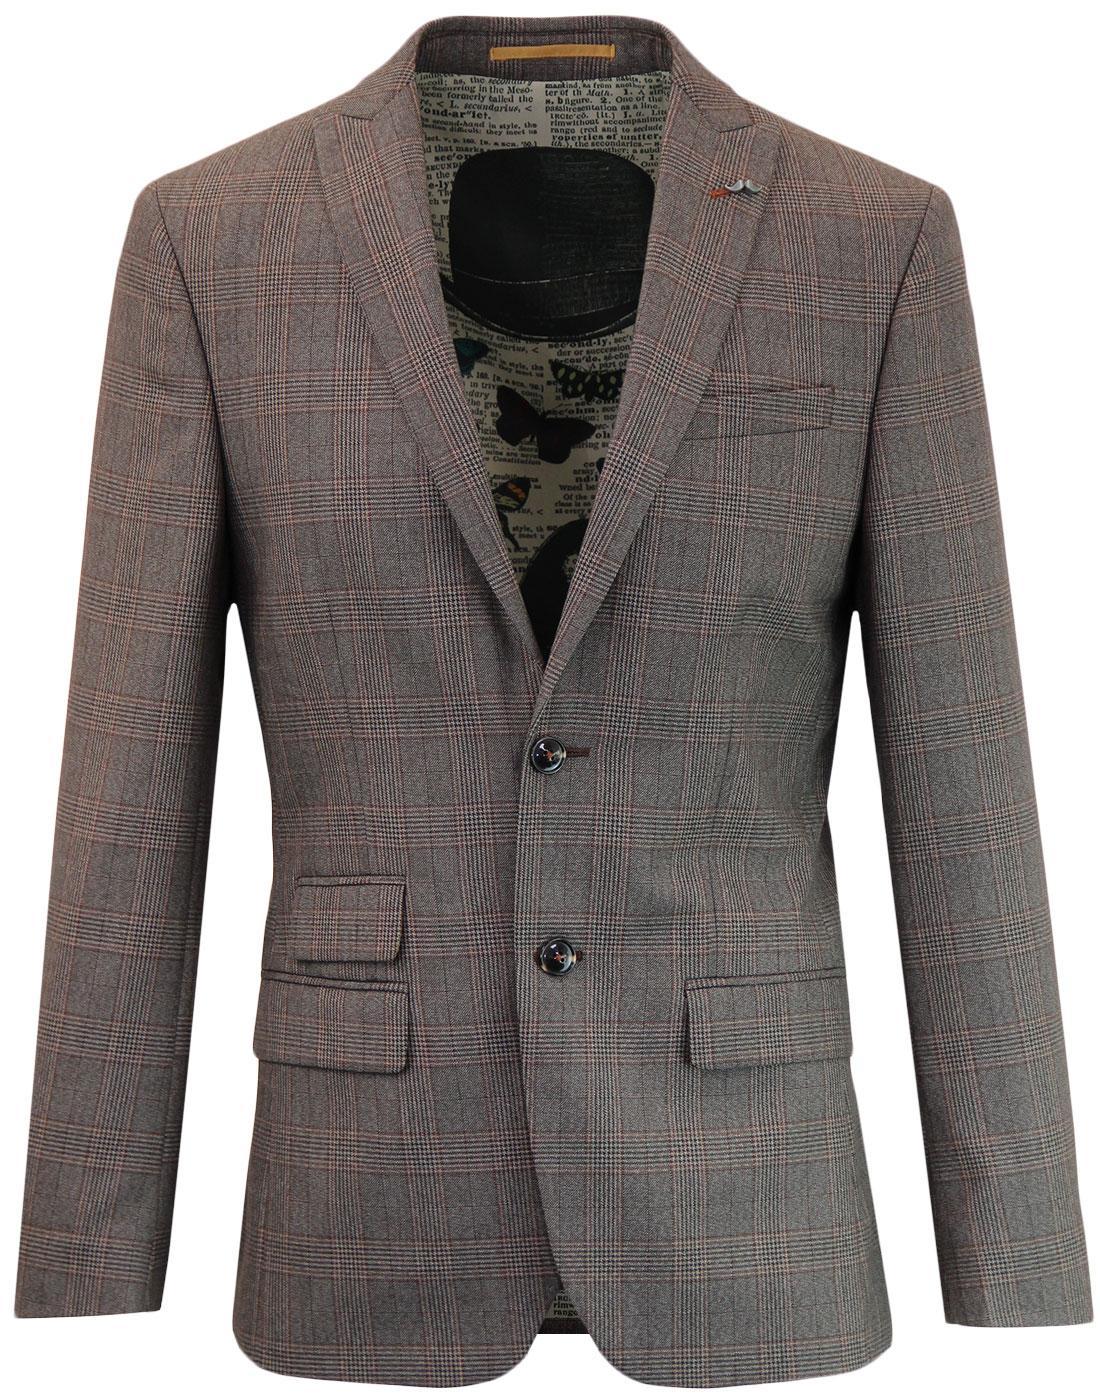 ANTIQUE ROGUE Mod 2 Button POW Check Suit Jacket F